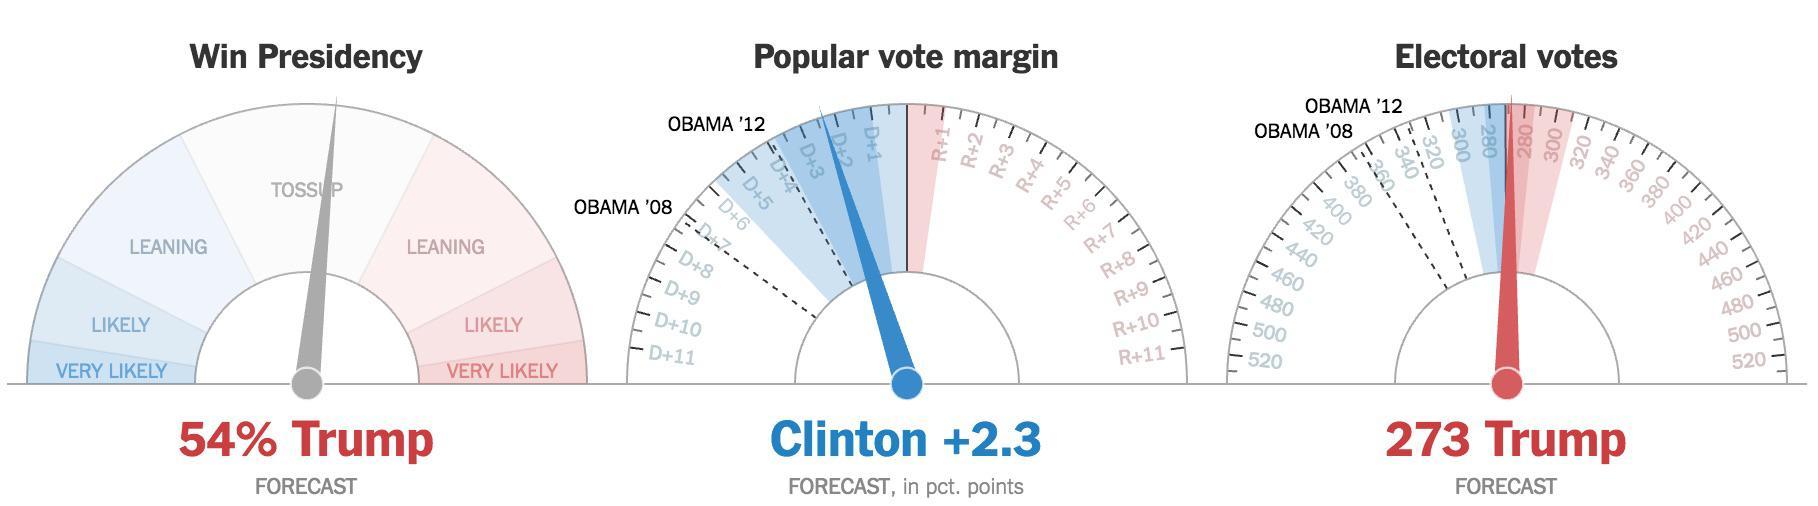 Trump parece que va a ganar. Puede incluso llegar a arrasar.